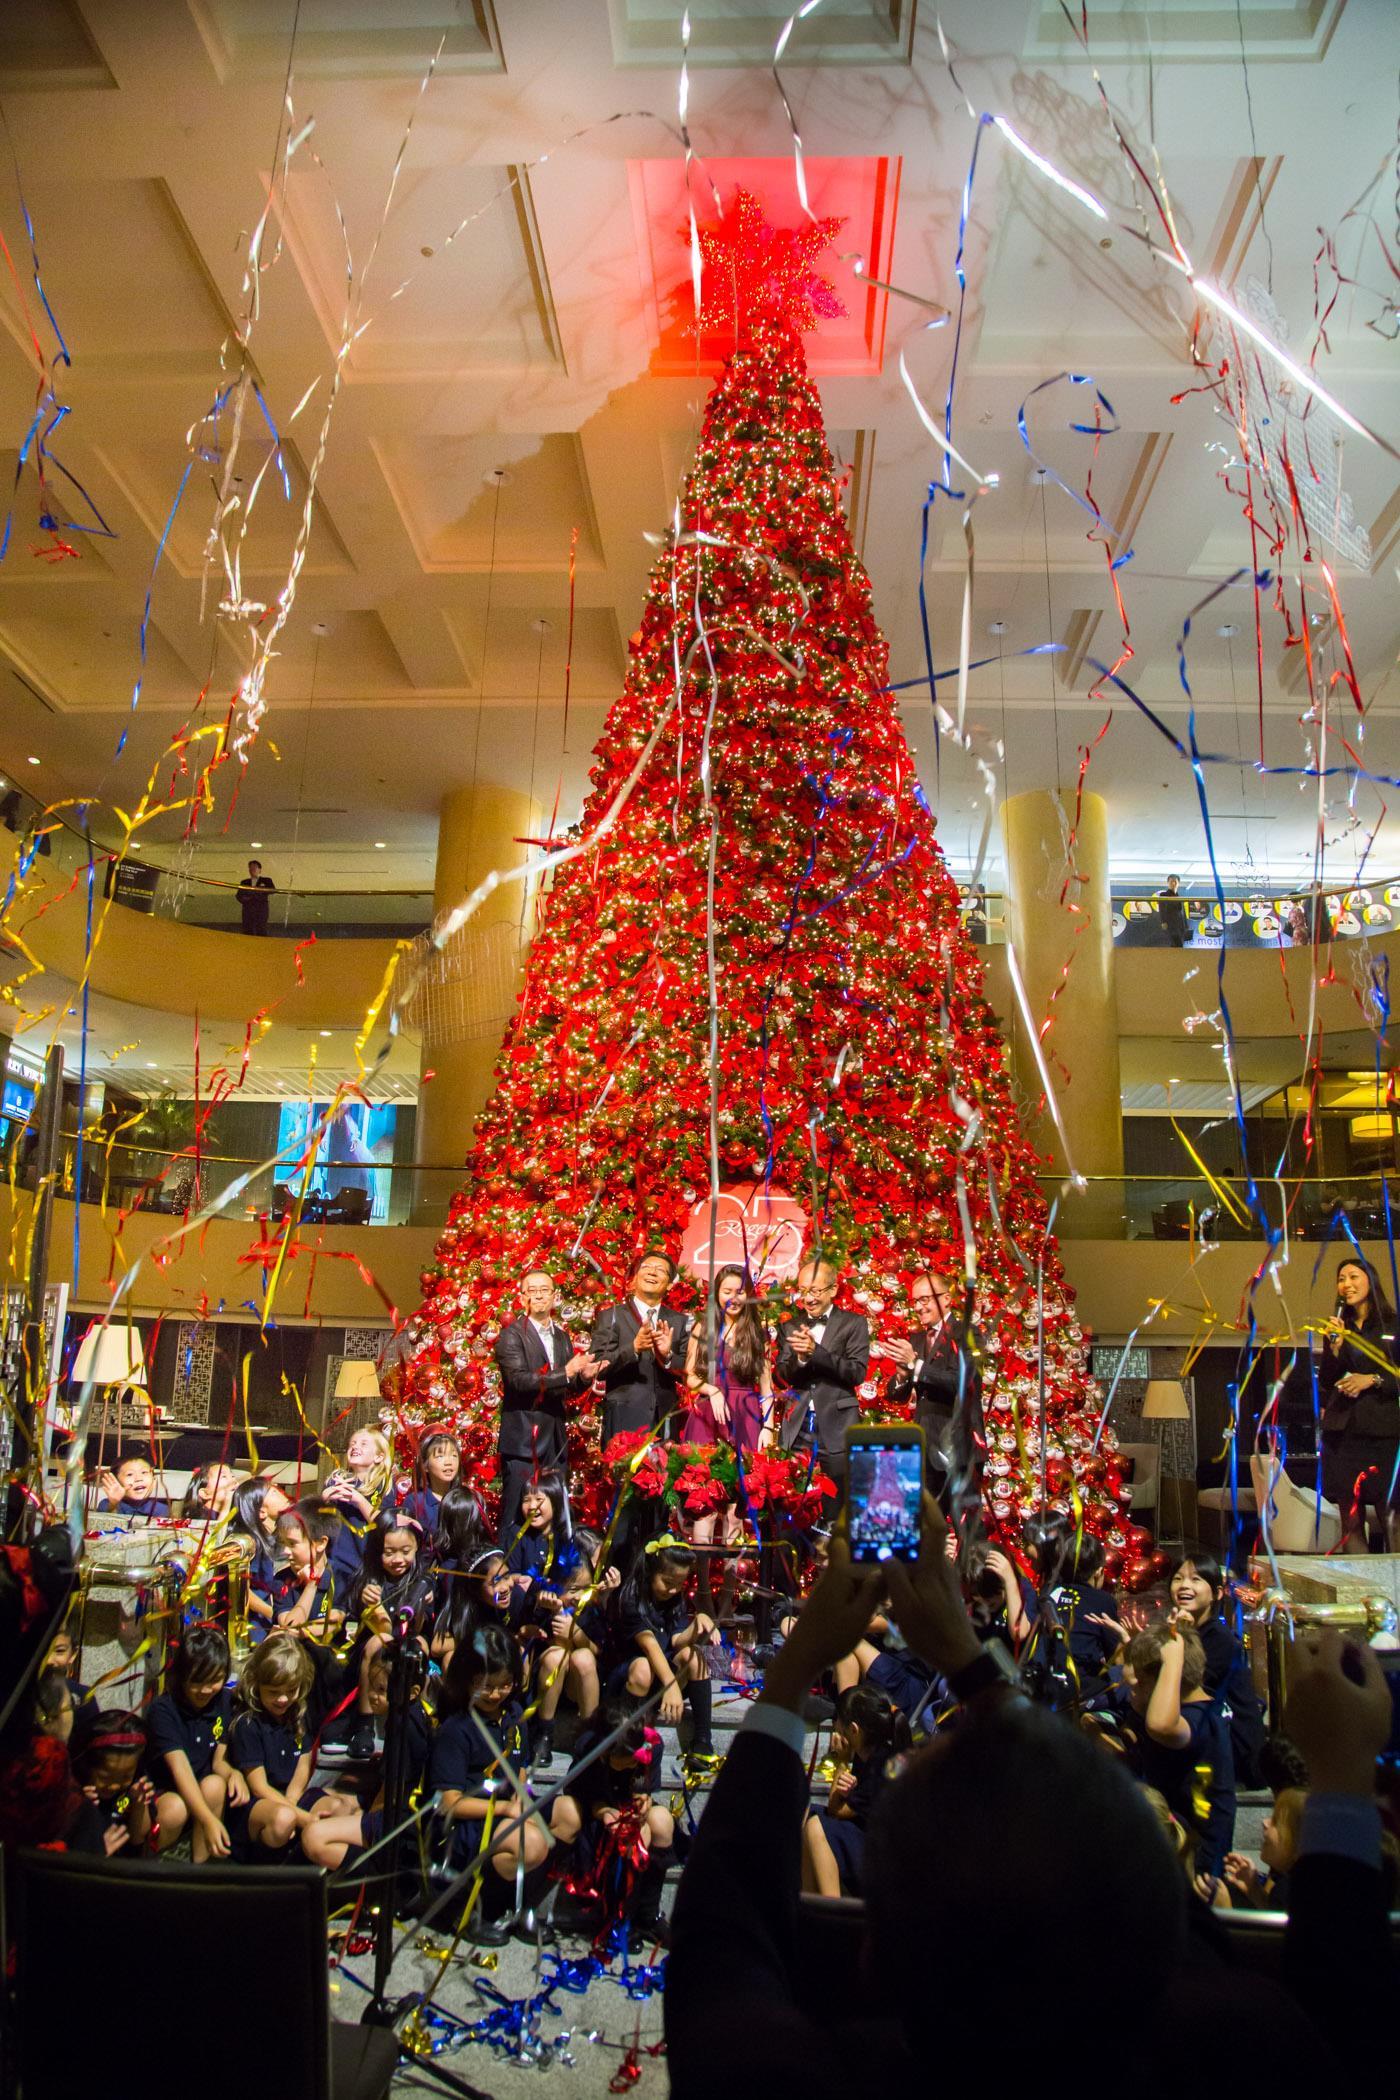 Regent Taipei lights up a giant Christmas tree